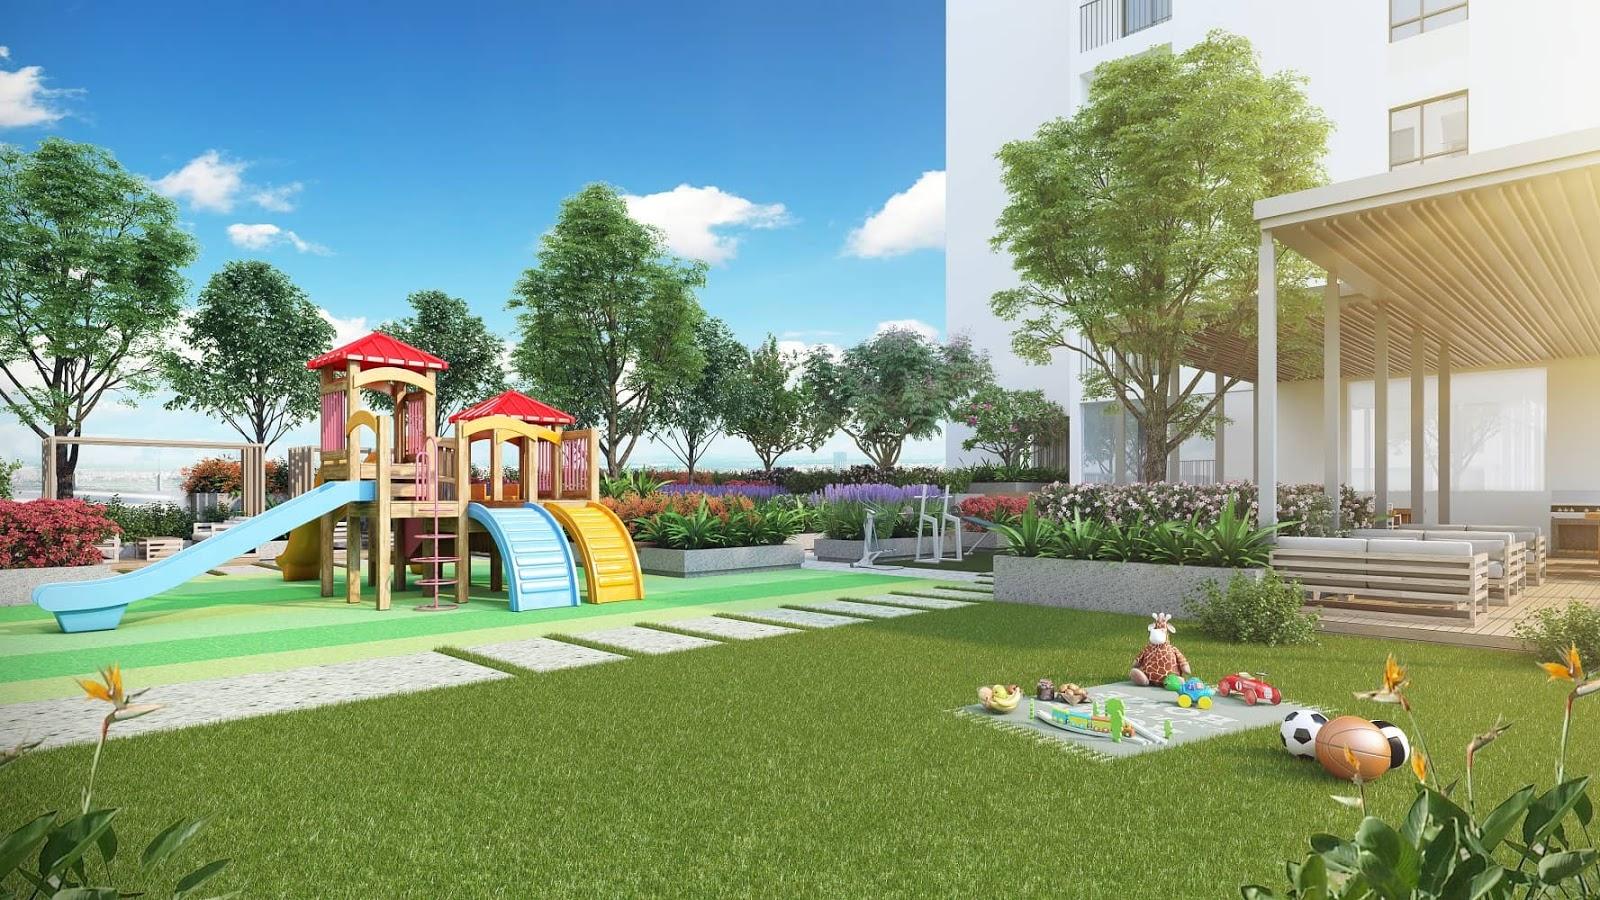 Khu vui chơi trẻ em tại tầng 5 của dự án Kosmo Tây Hồ